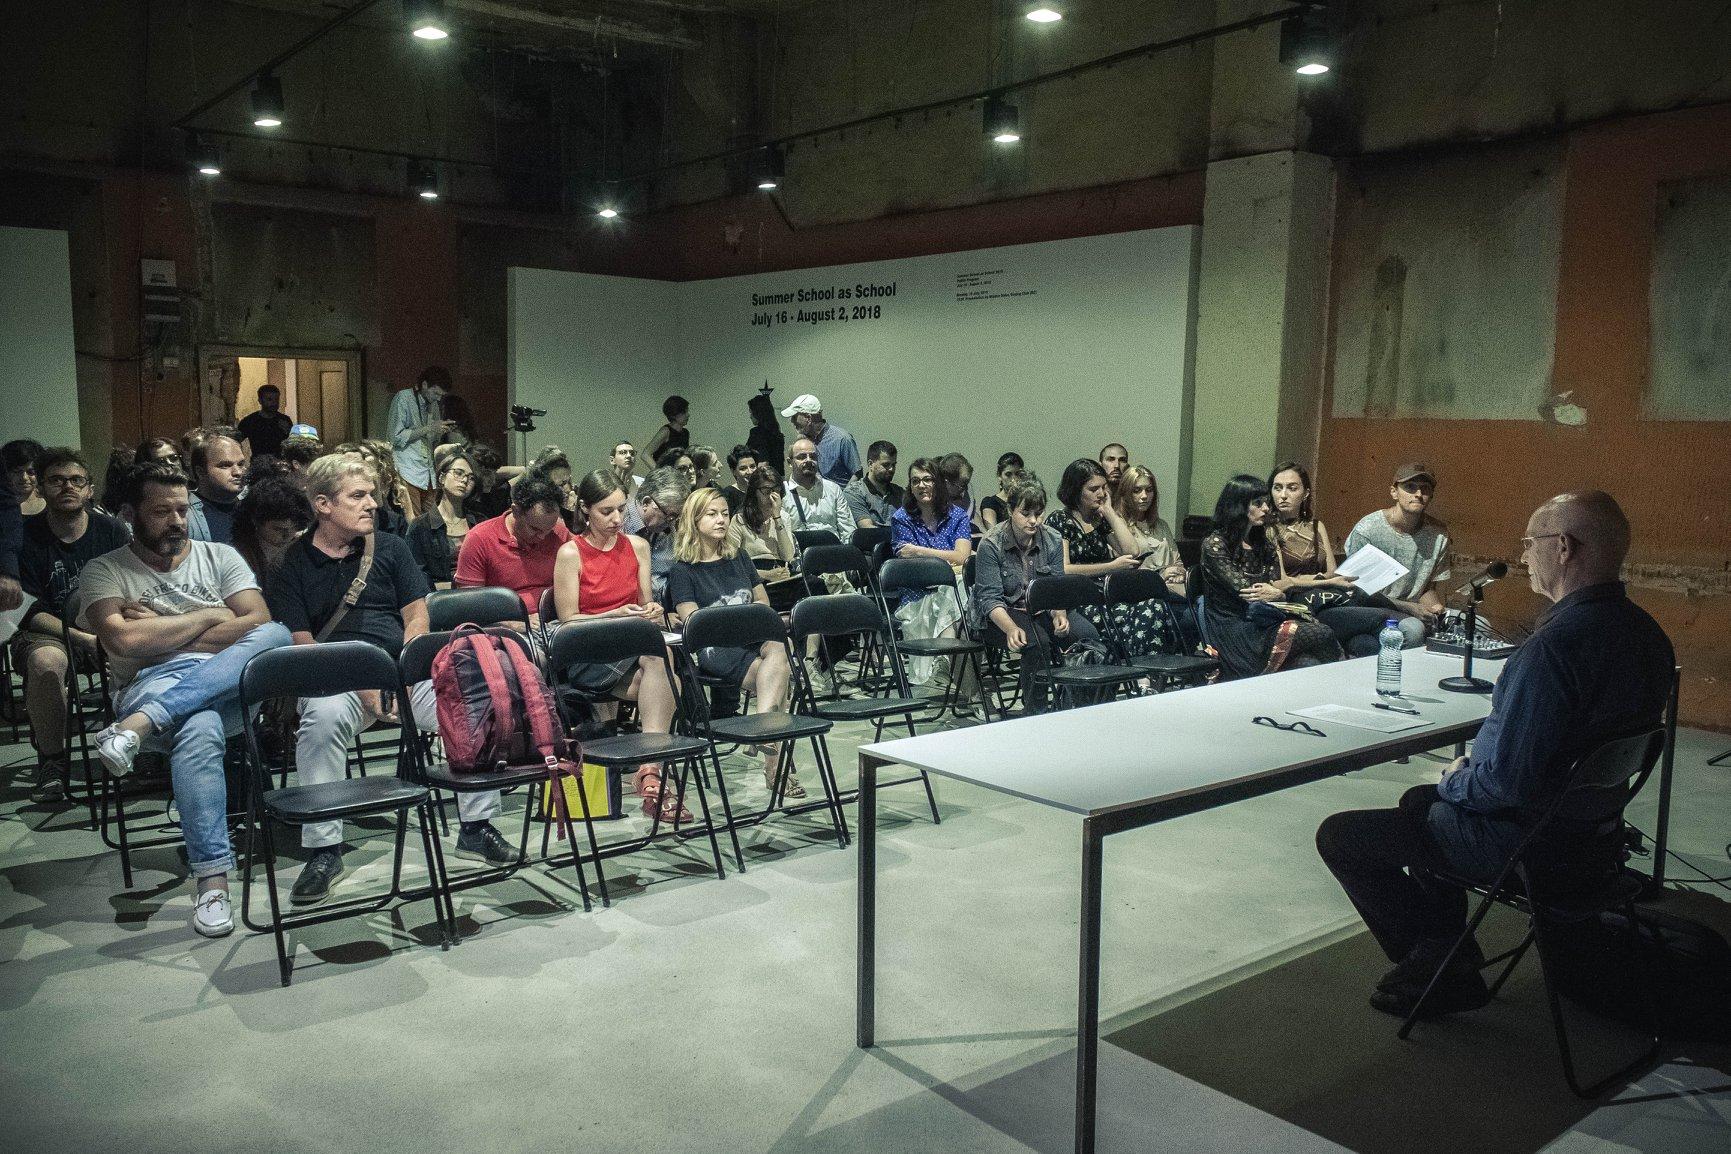 Mladen Dolar: Çka, Nëse Çkado, është Modernizëm?